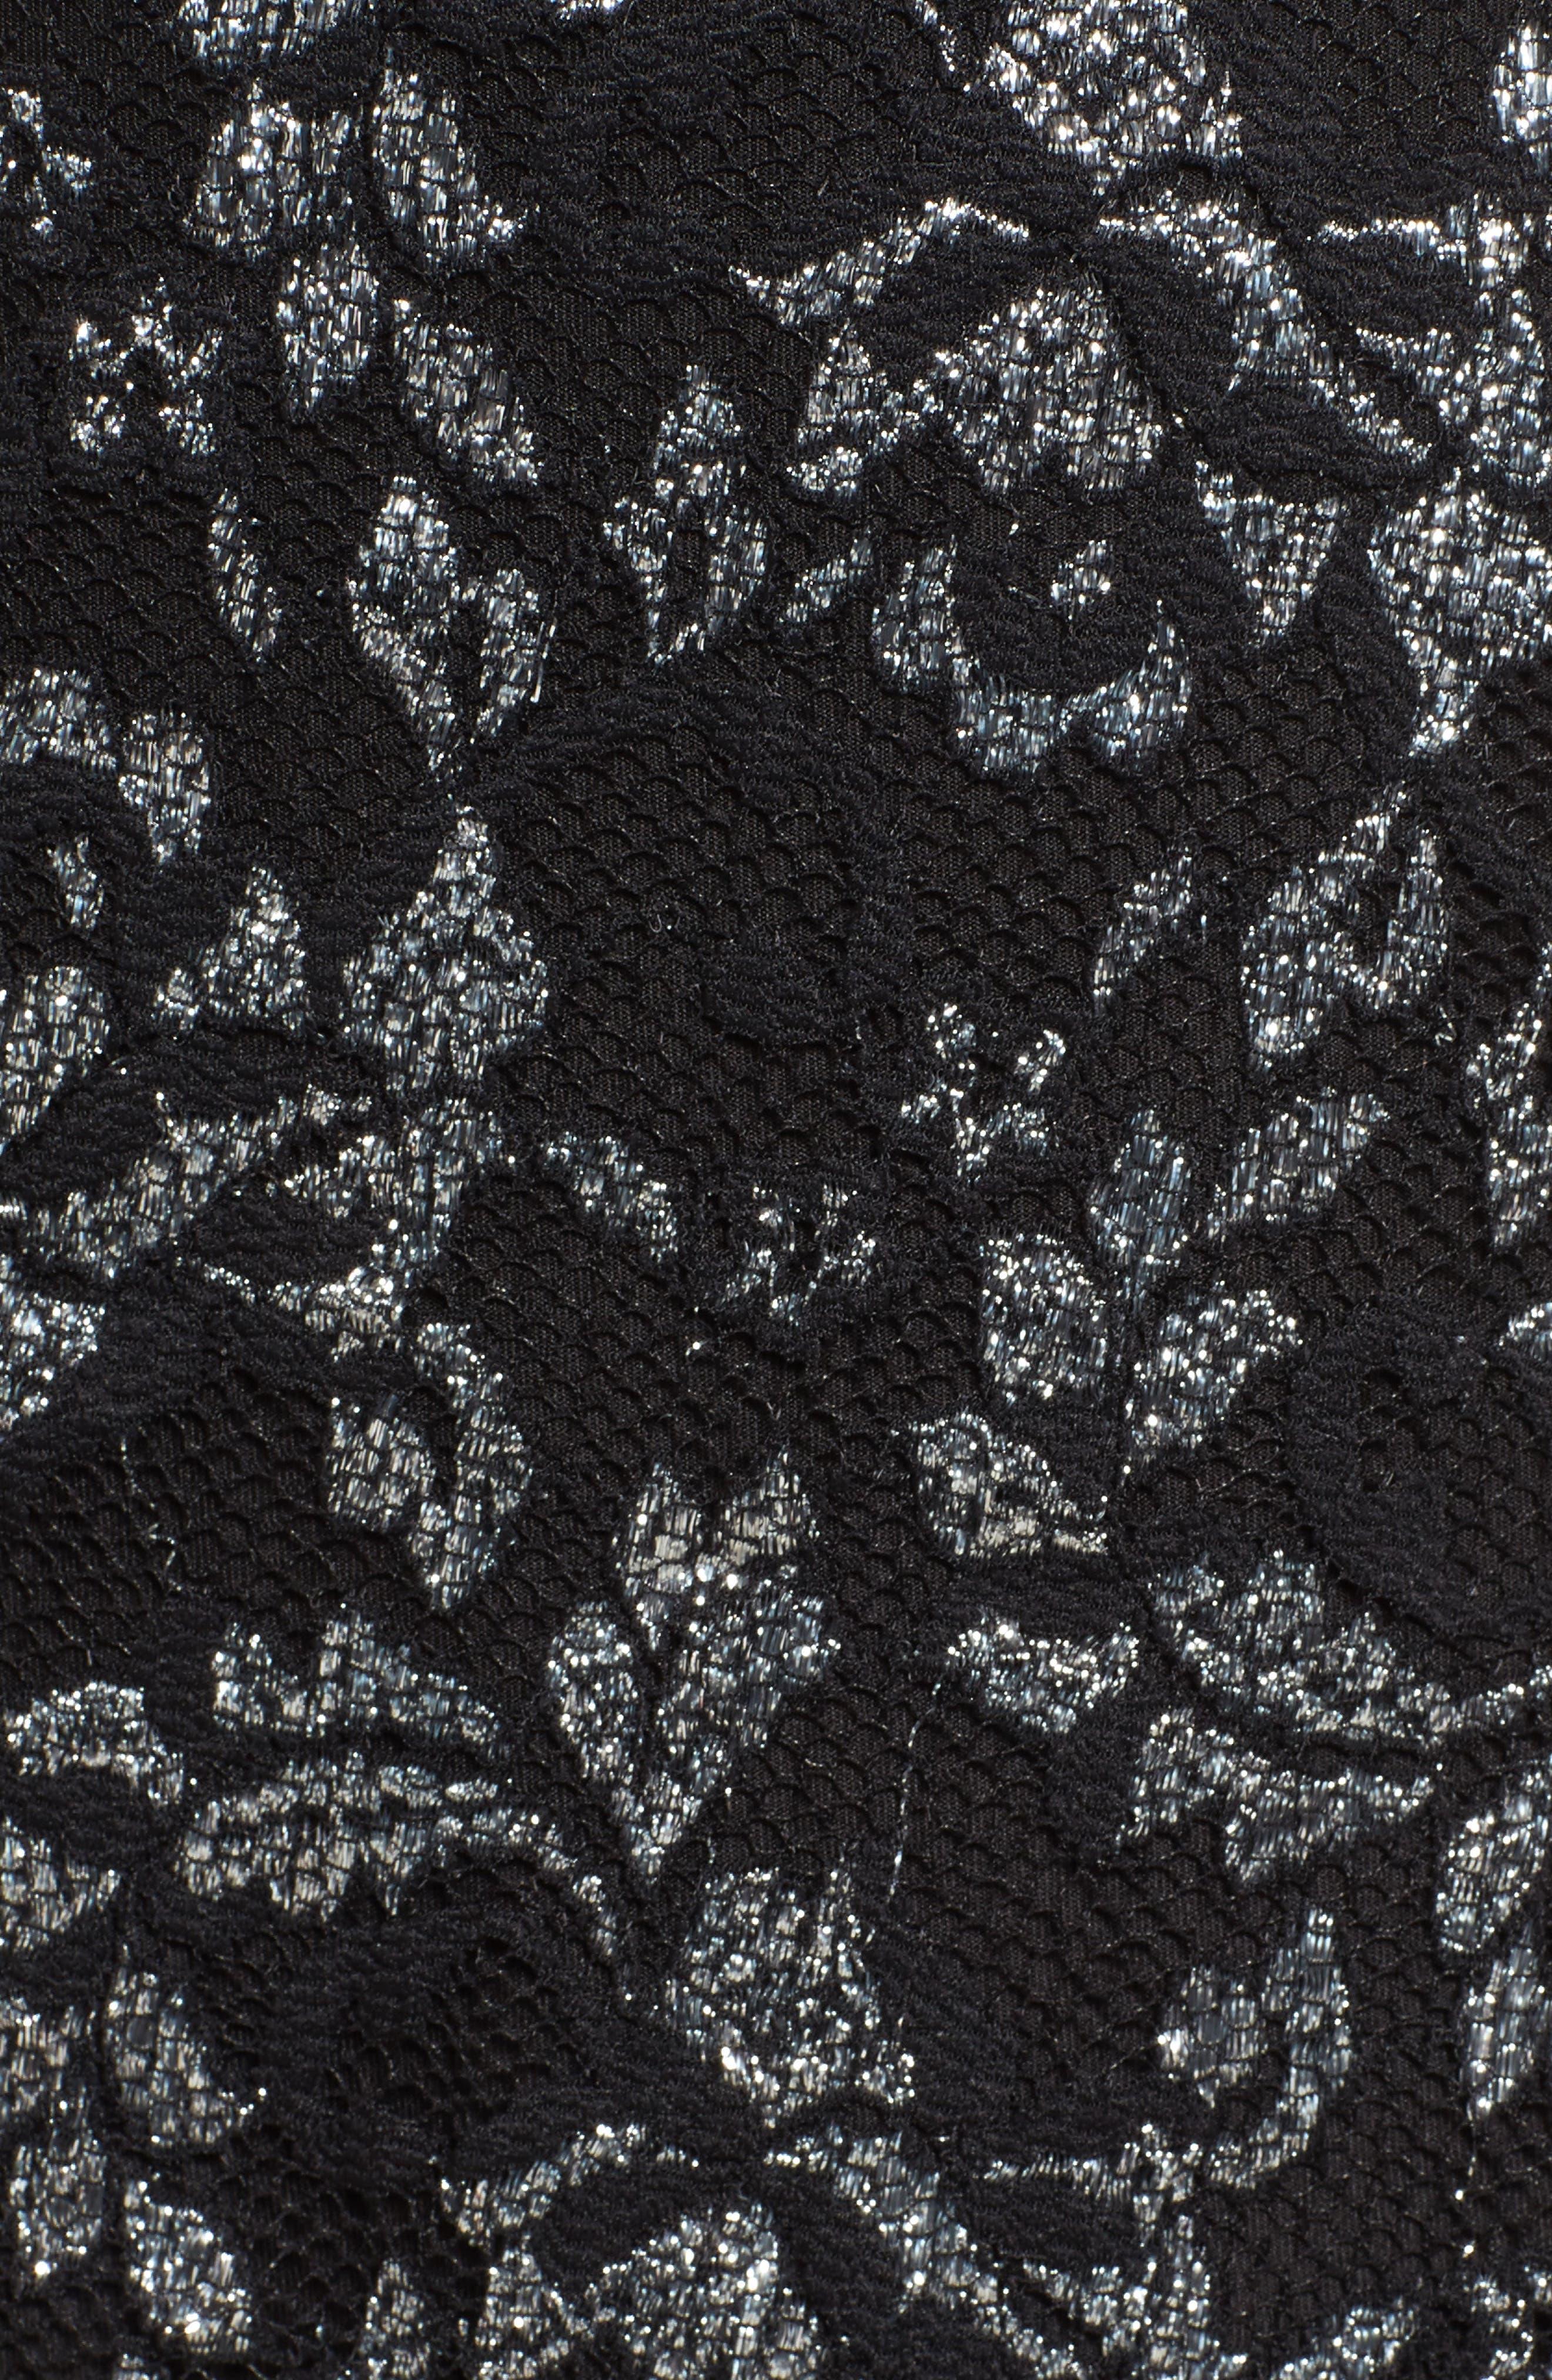 Laney Metallic Lace Wrap Dress,                             Alternate thumbnail 5, color,                             Black/ Silver